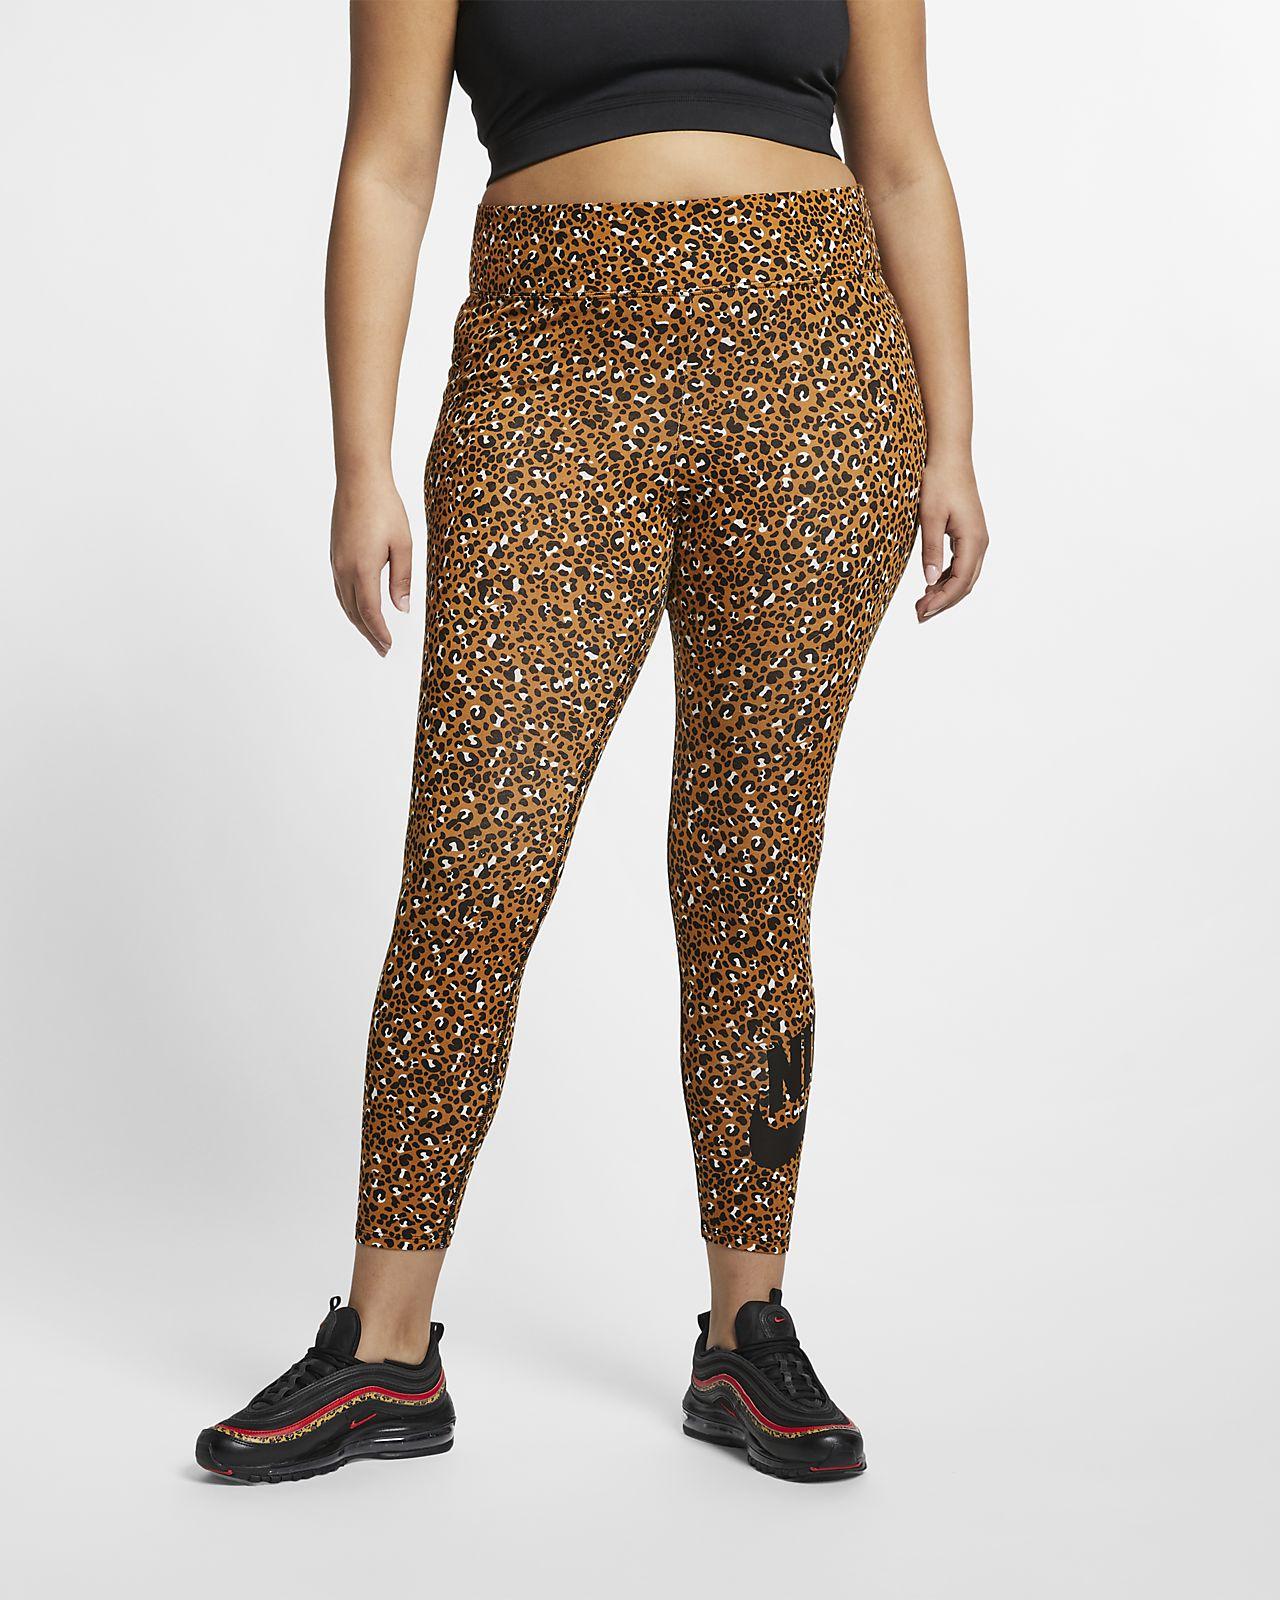 Leggings Nike Sportswear Animal Print för kvinnor (stora storlekar)